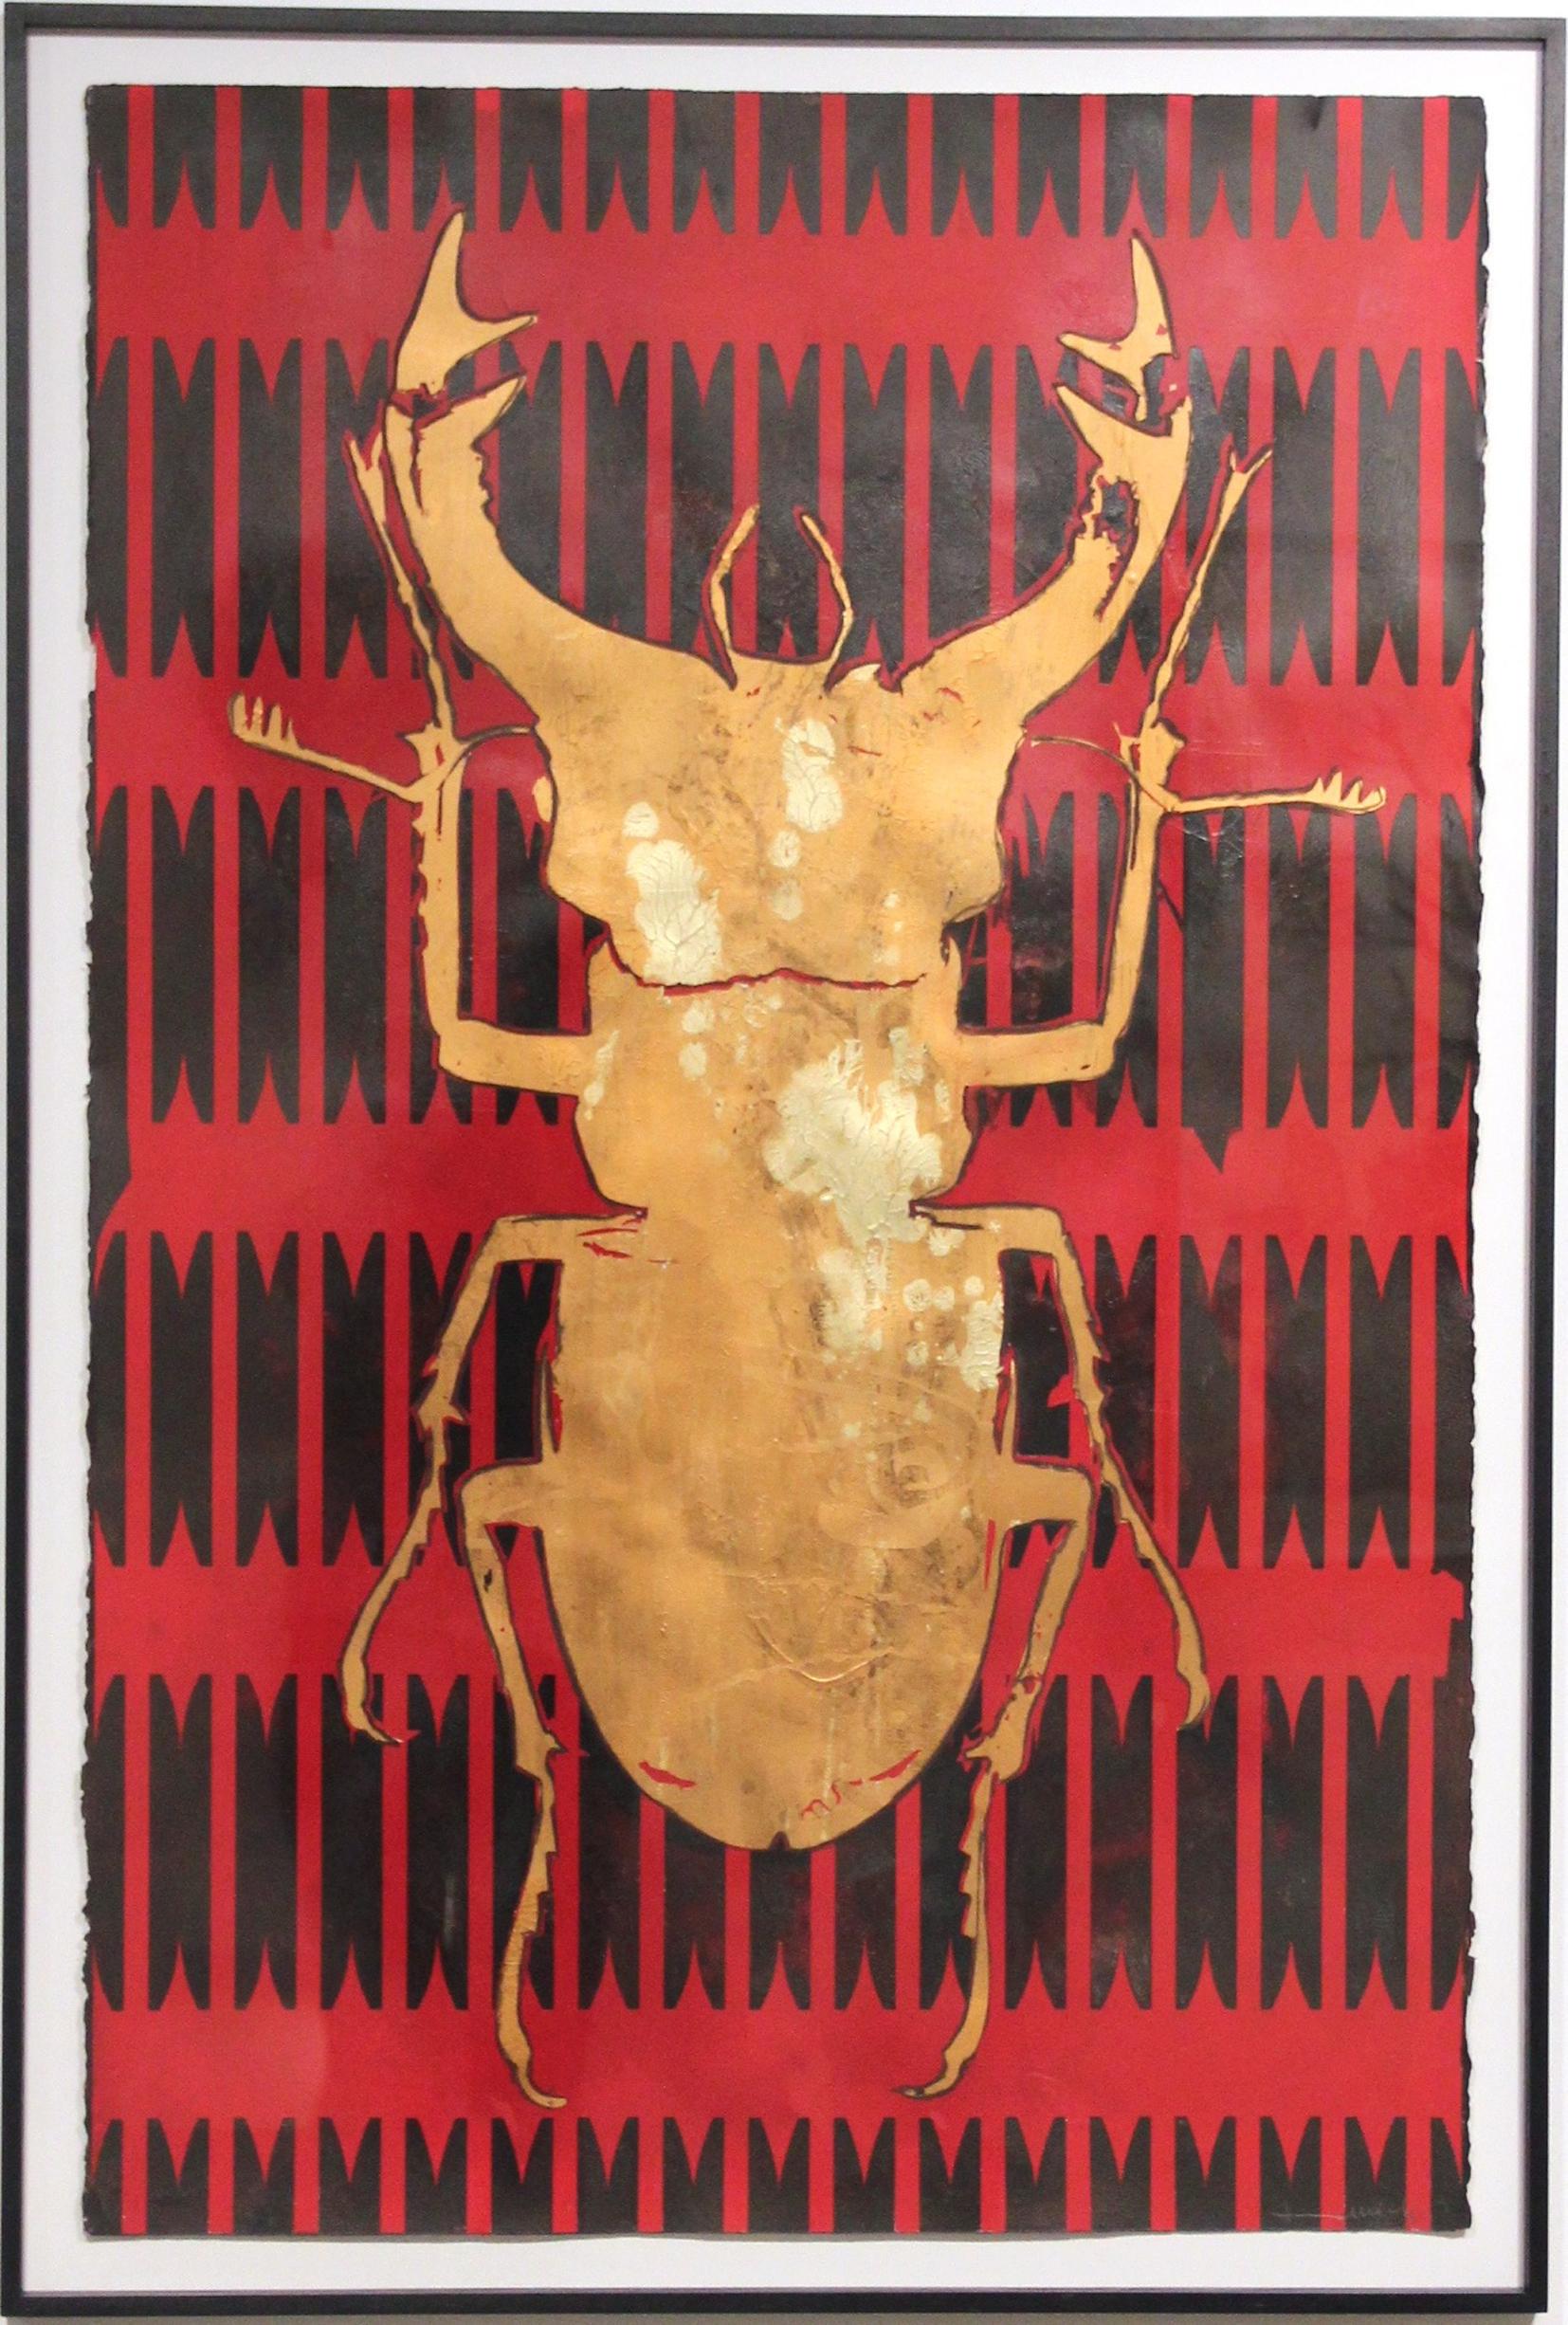 Wittgensteins Beetle 6392